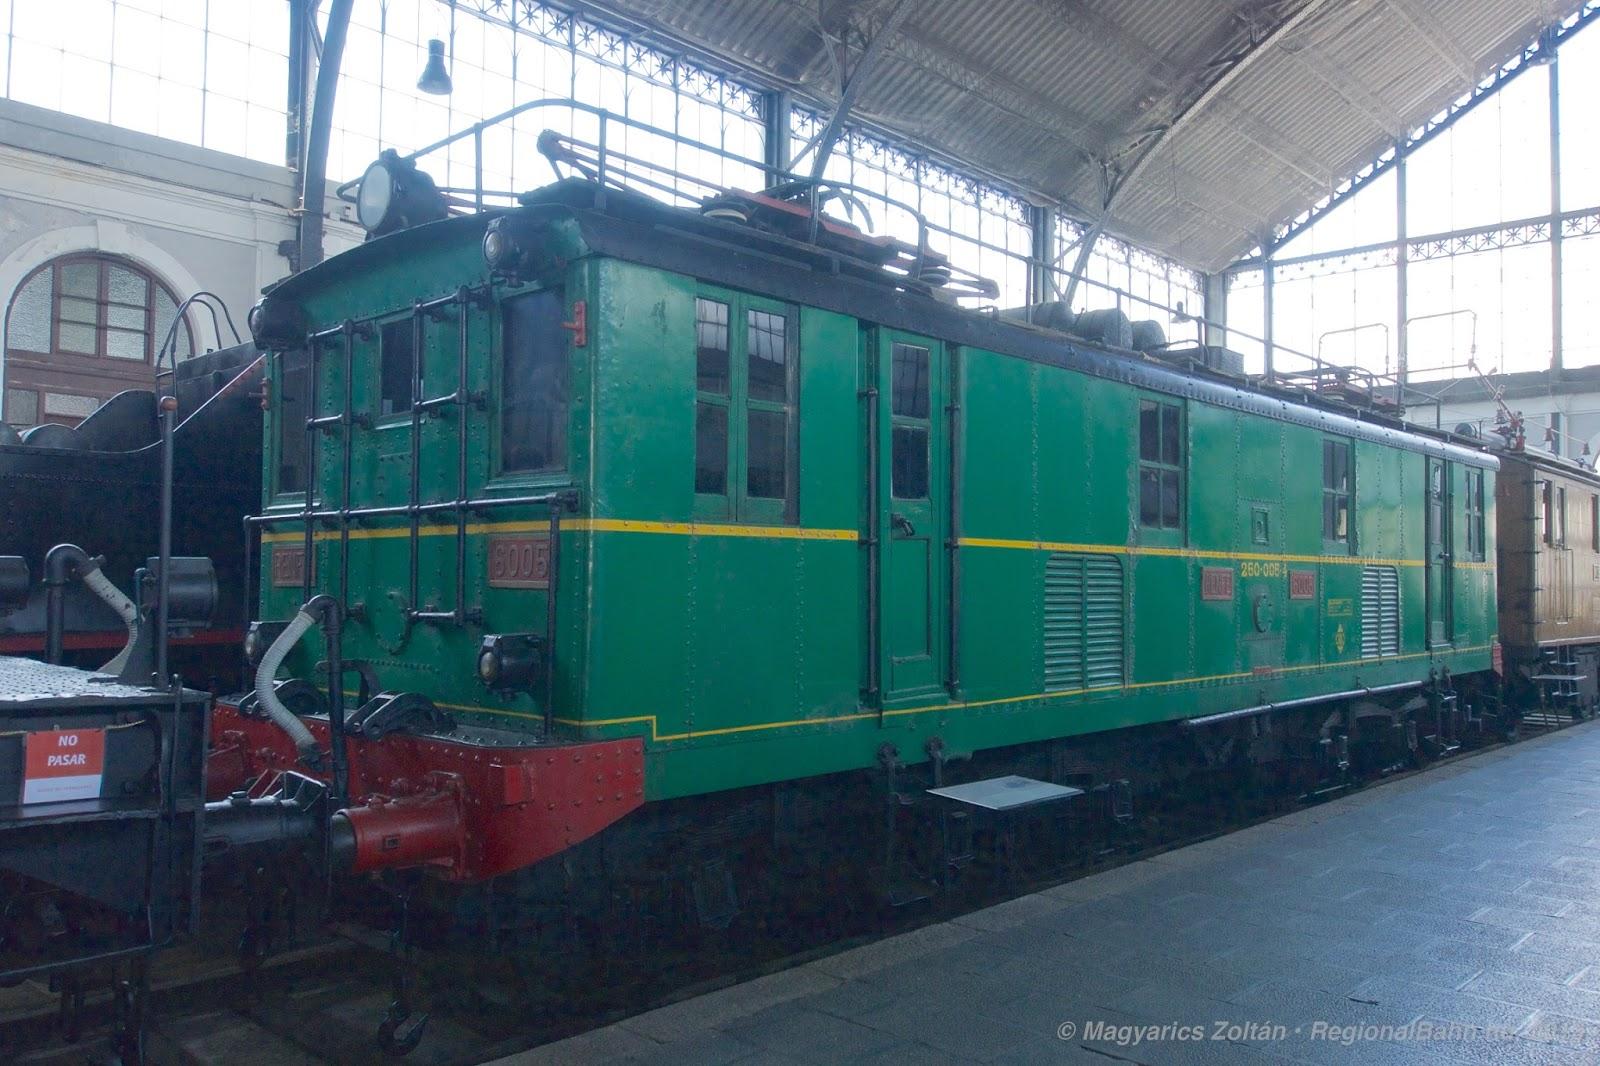 Regionalbahn fejp lyaudvarb l vas ti m zeum madrid delicias - General electric madrid ...